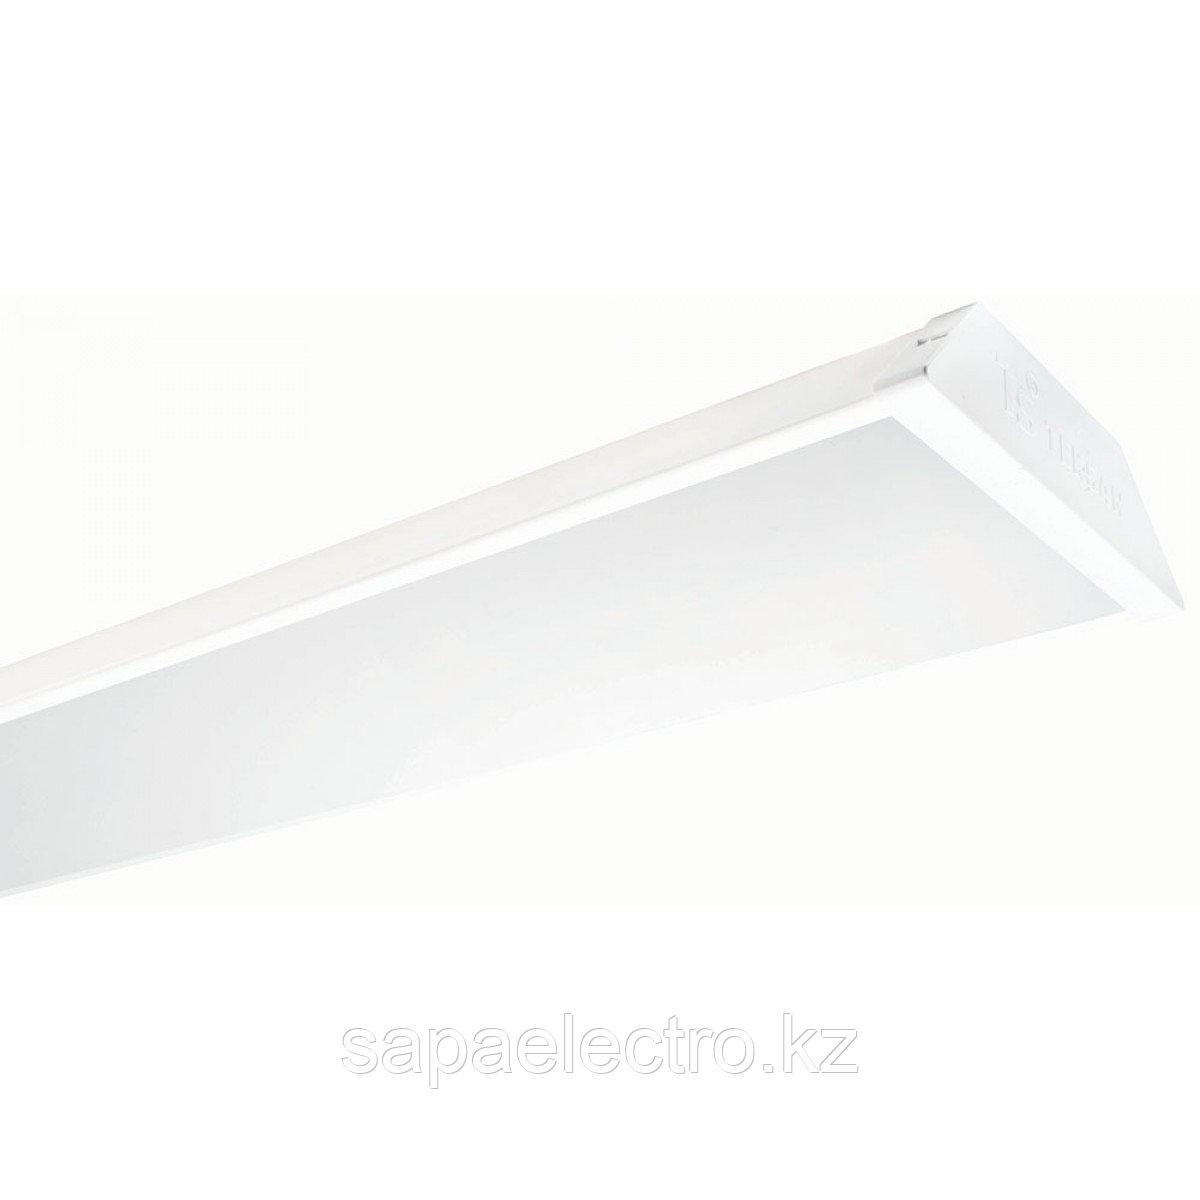 Свет-к LINEAR OPAL 2X36W T8 IP20 MGL (TEKSAN) 5шт